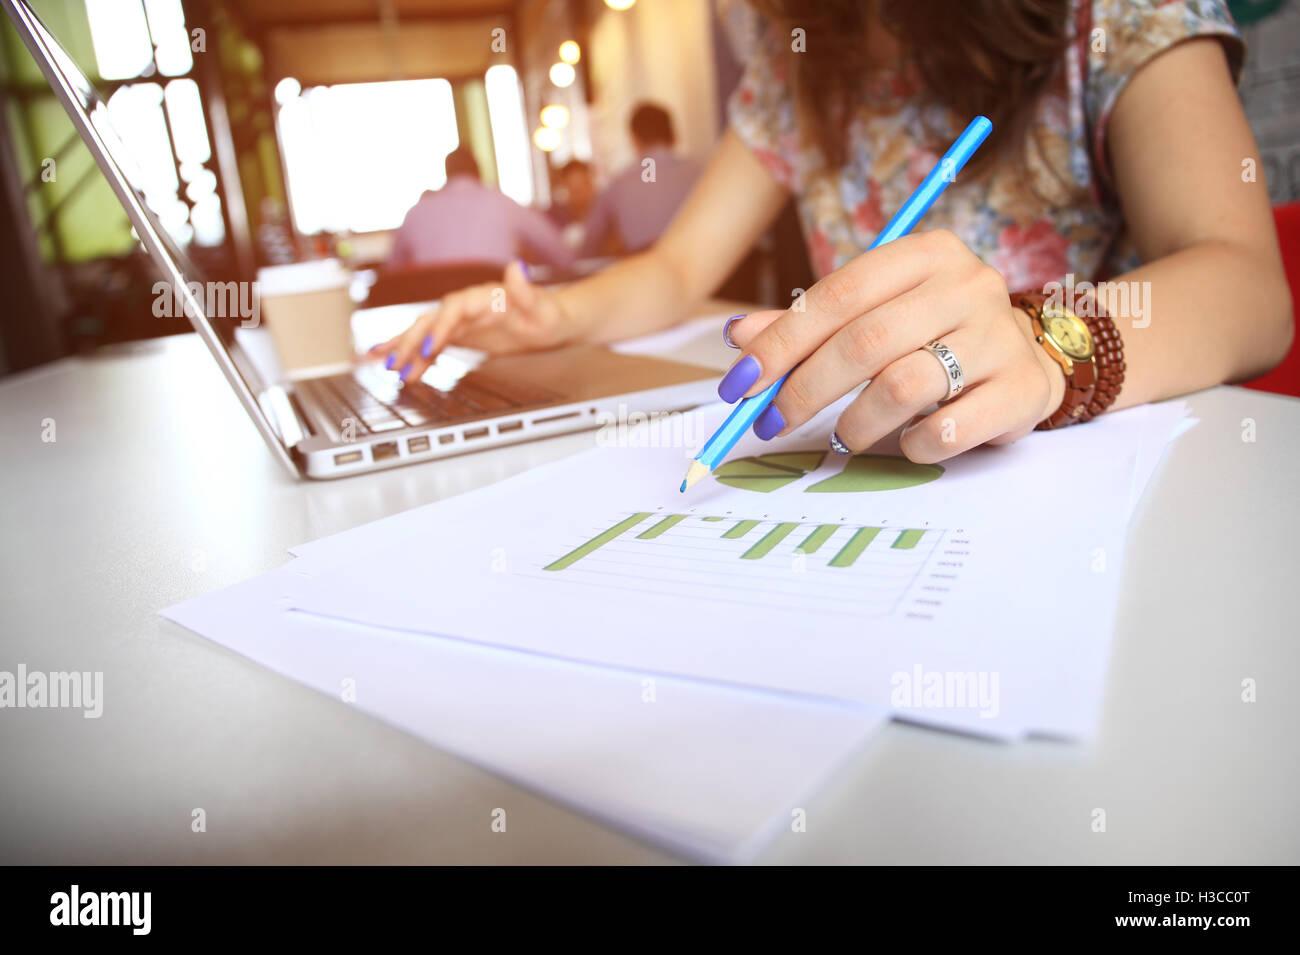 Unternehmensberater, die Analyse von Finanzkennzahlen bezeichnet den Fortschritten bei der Tätigkeit des Unternehmens Stockfoto